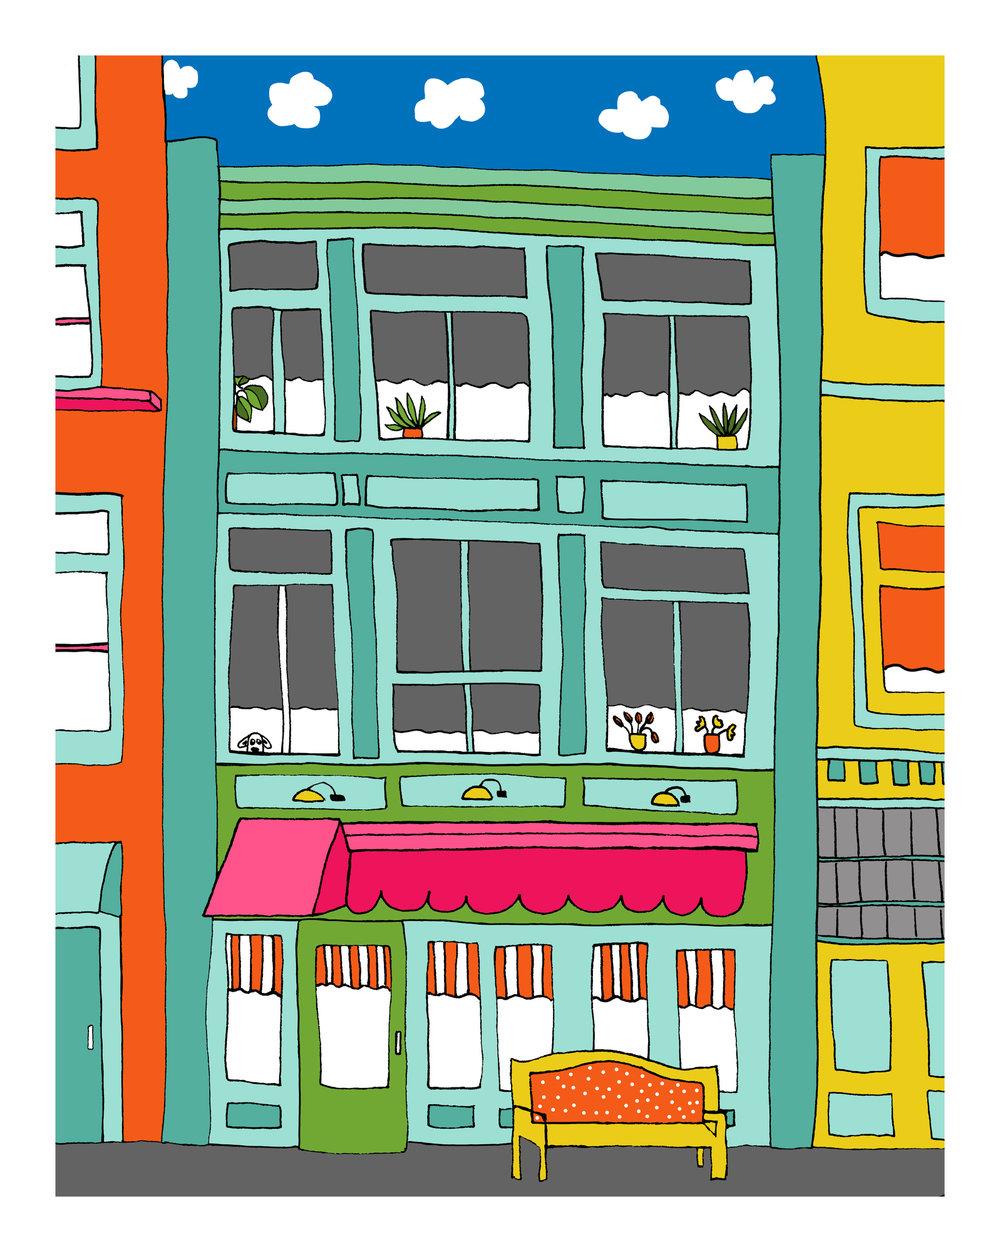 BuildingsDrawings_502_lowres.jpg